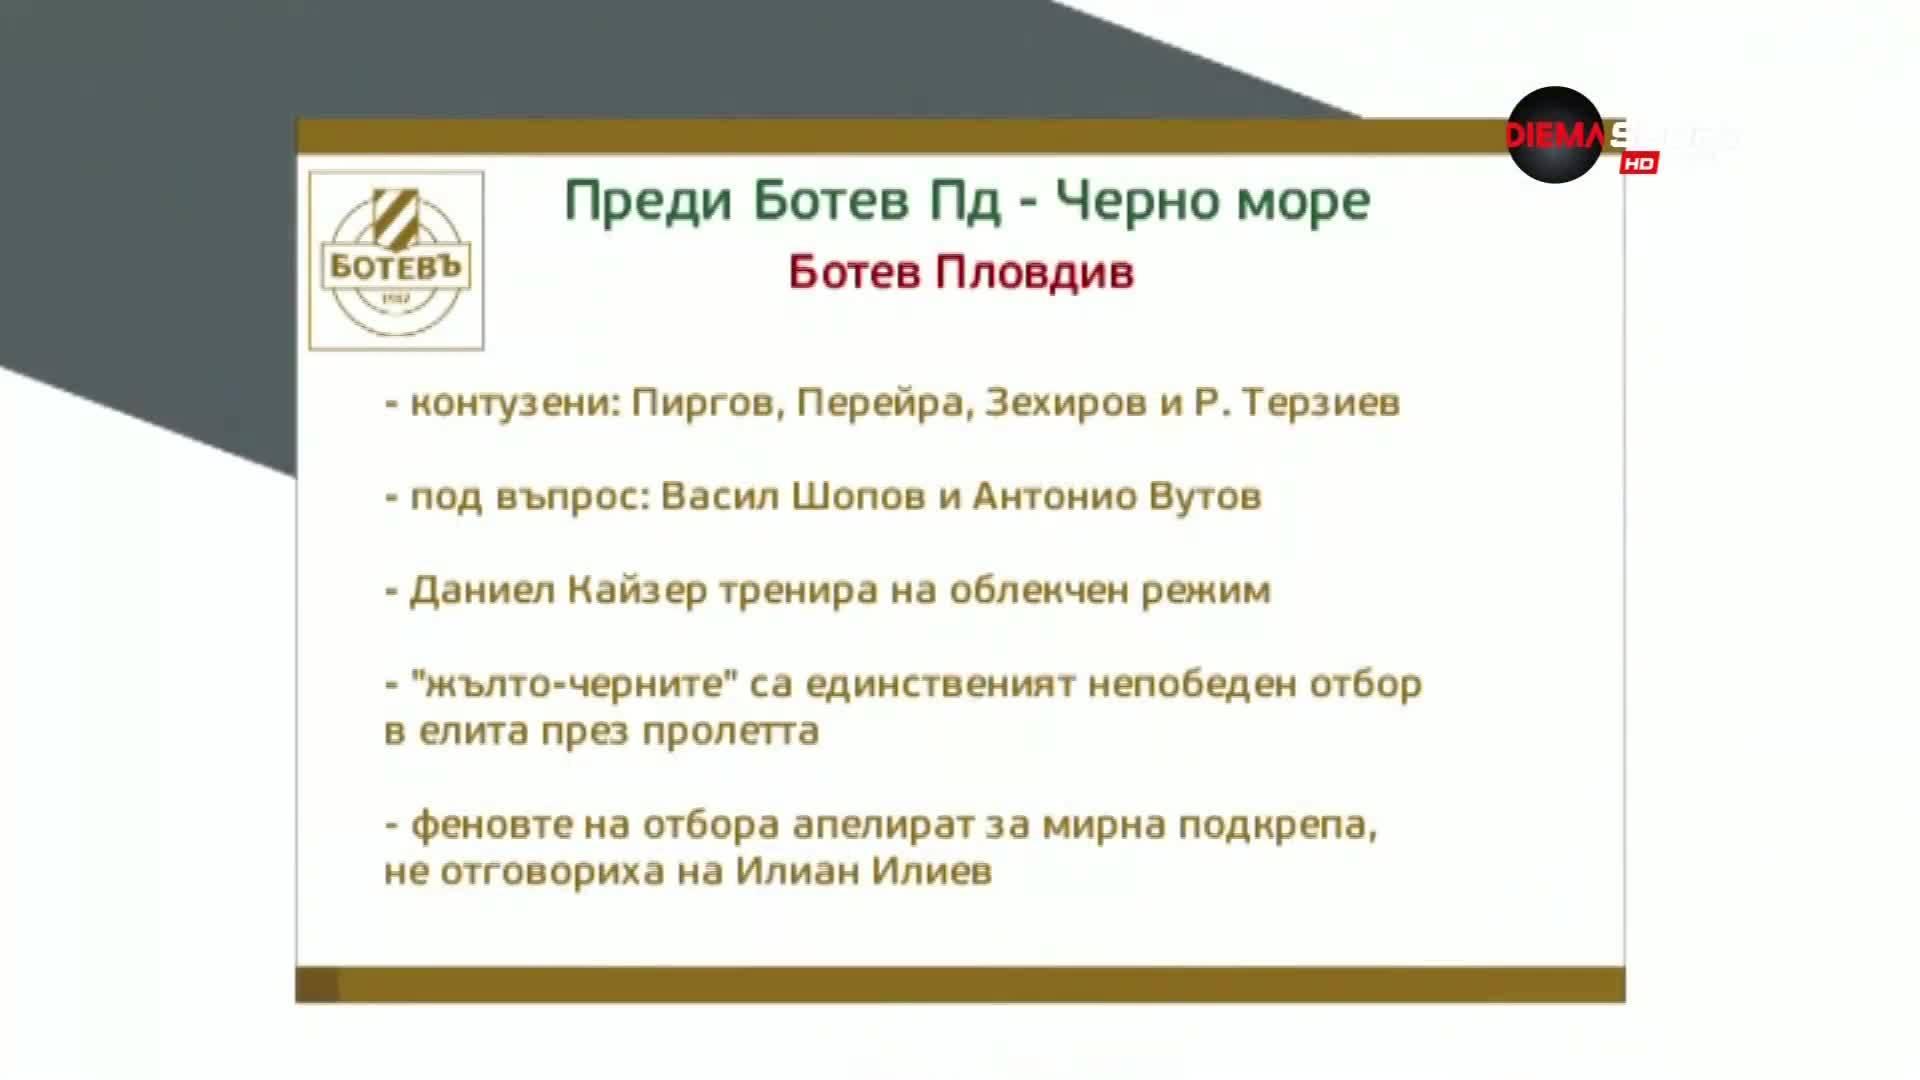 Преди Ботев Пд - Черно море